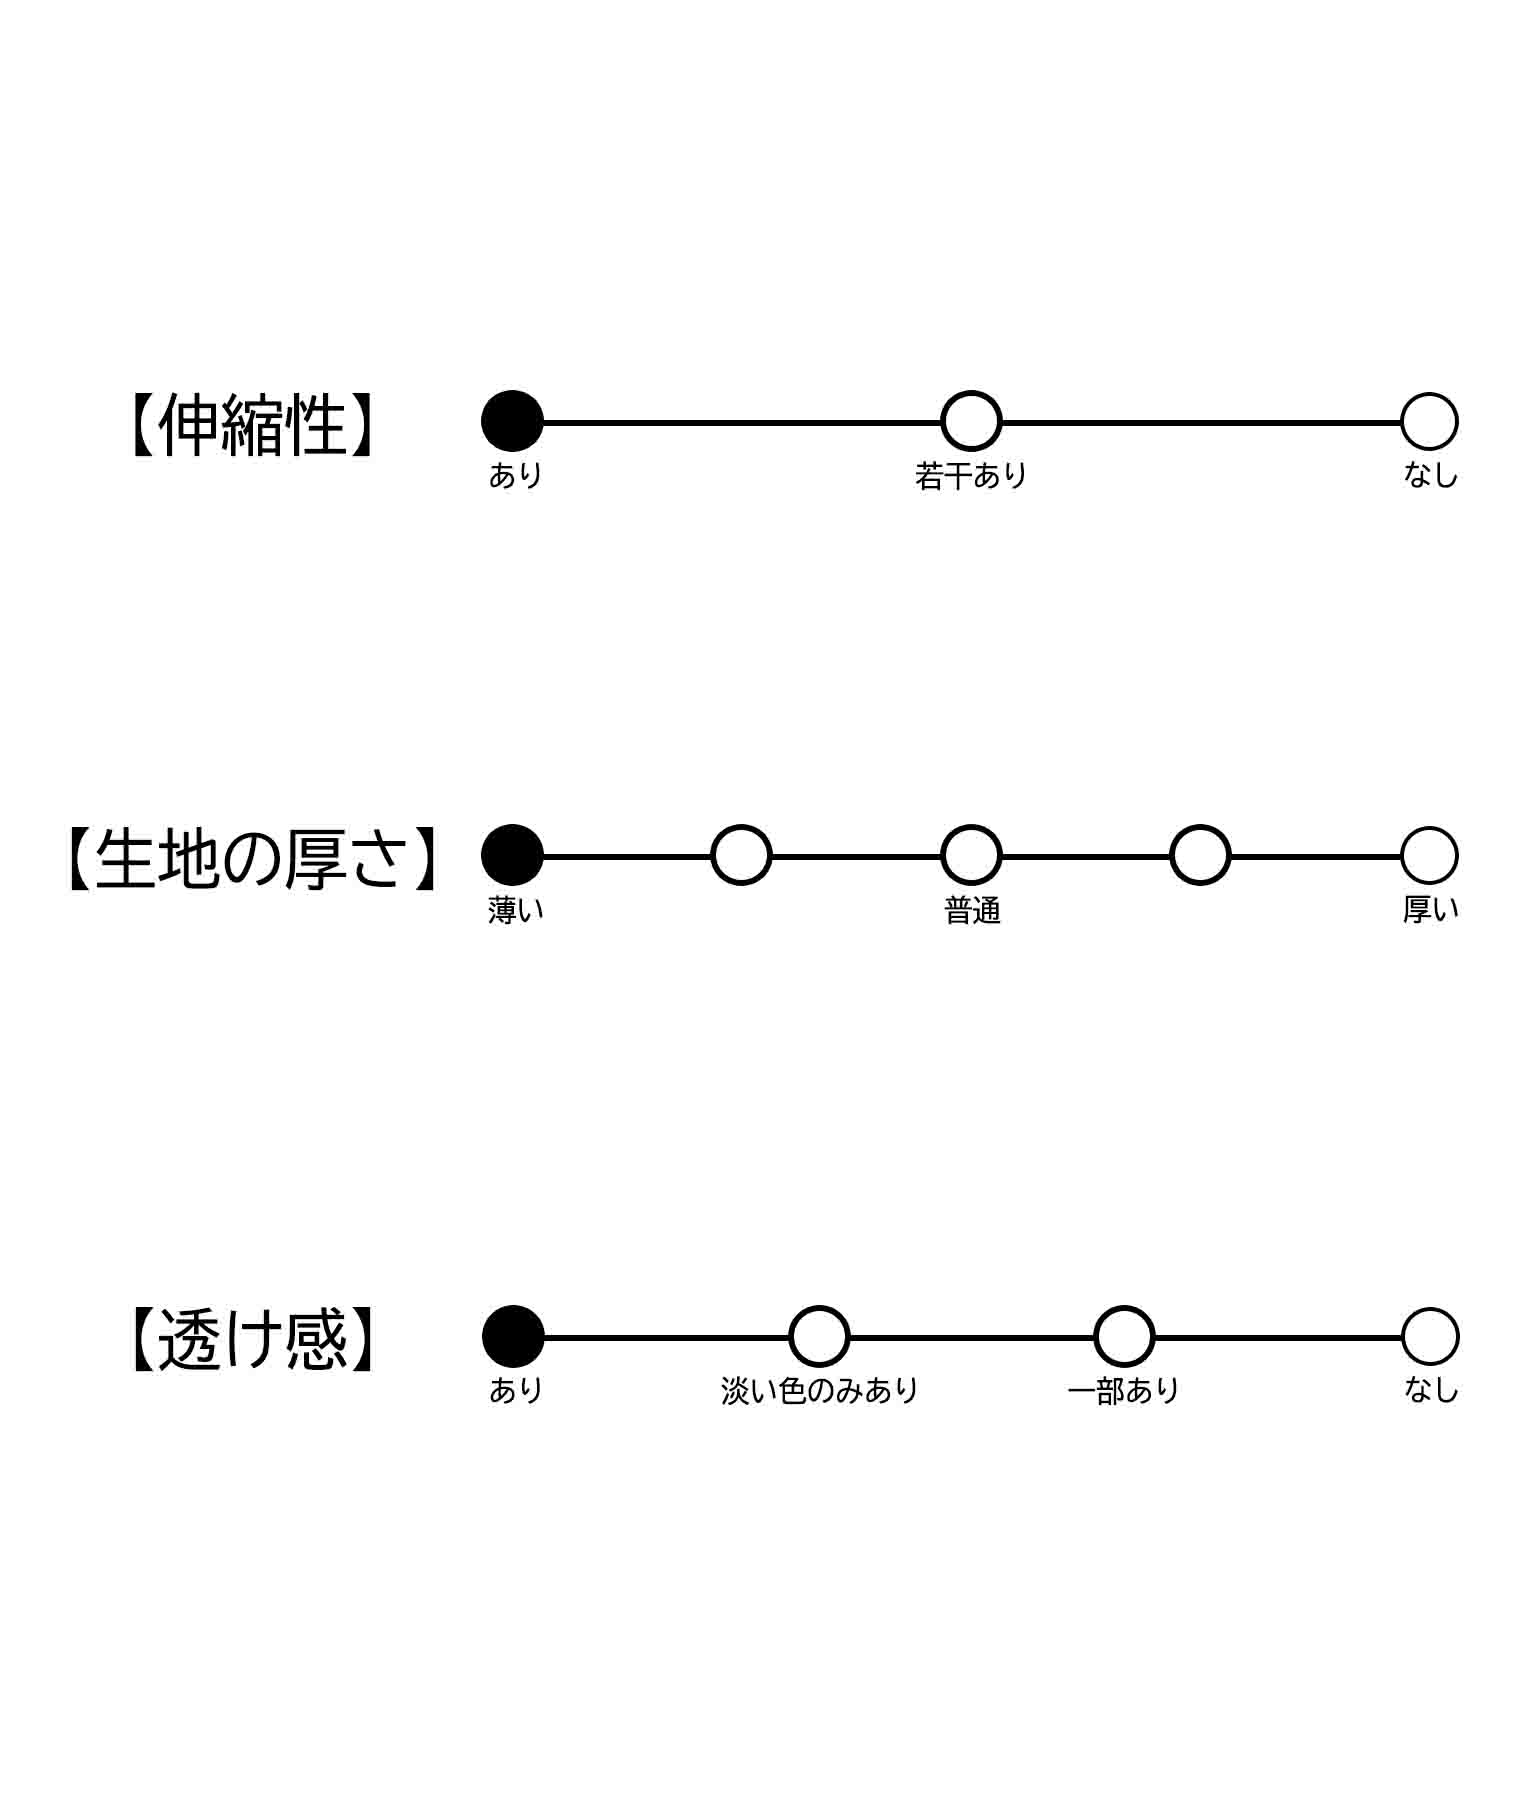 フロントデザイン透かし編みトップス(トップス/カットソー ・タンクトップ) | ANAP